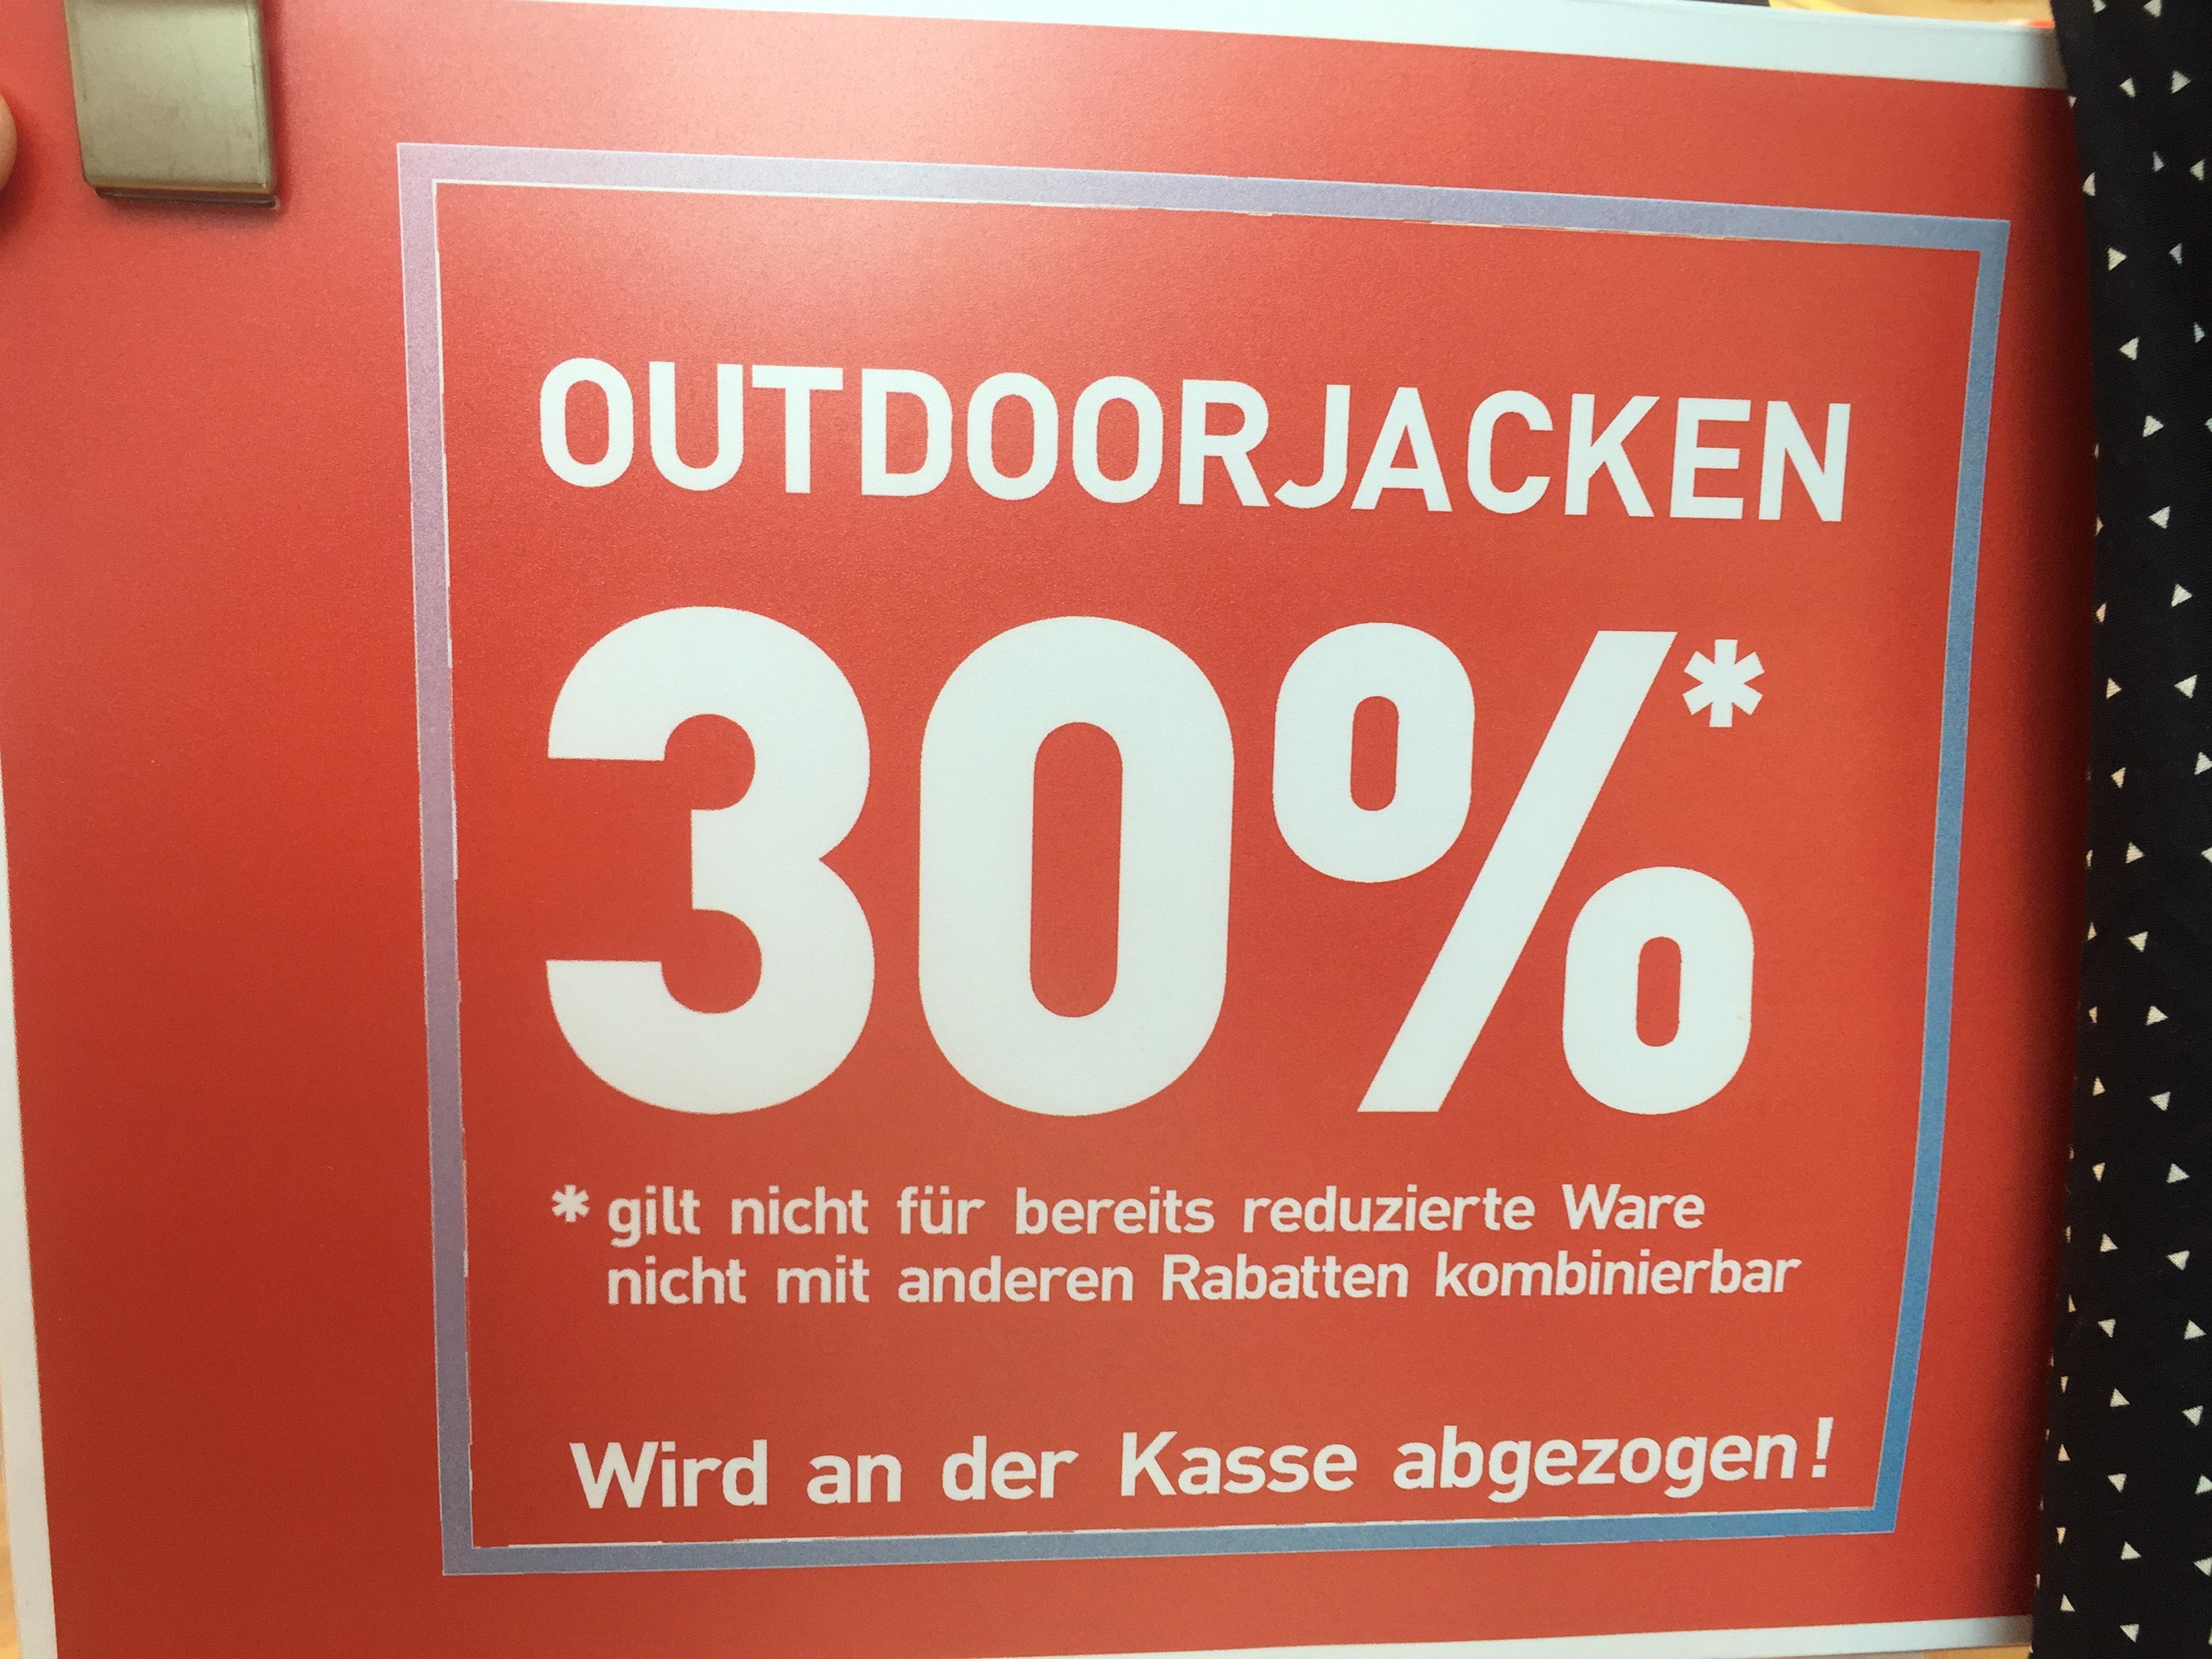 [Dodenhof] 30% Rabatt auf Outdoorjacken / 30% Auf Jacken im Onlineshop